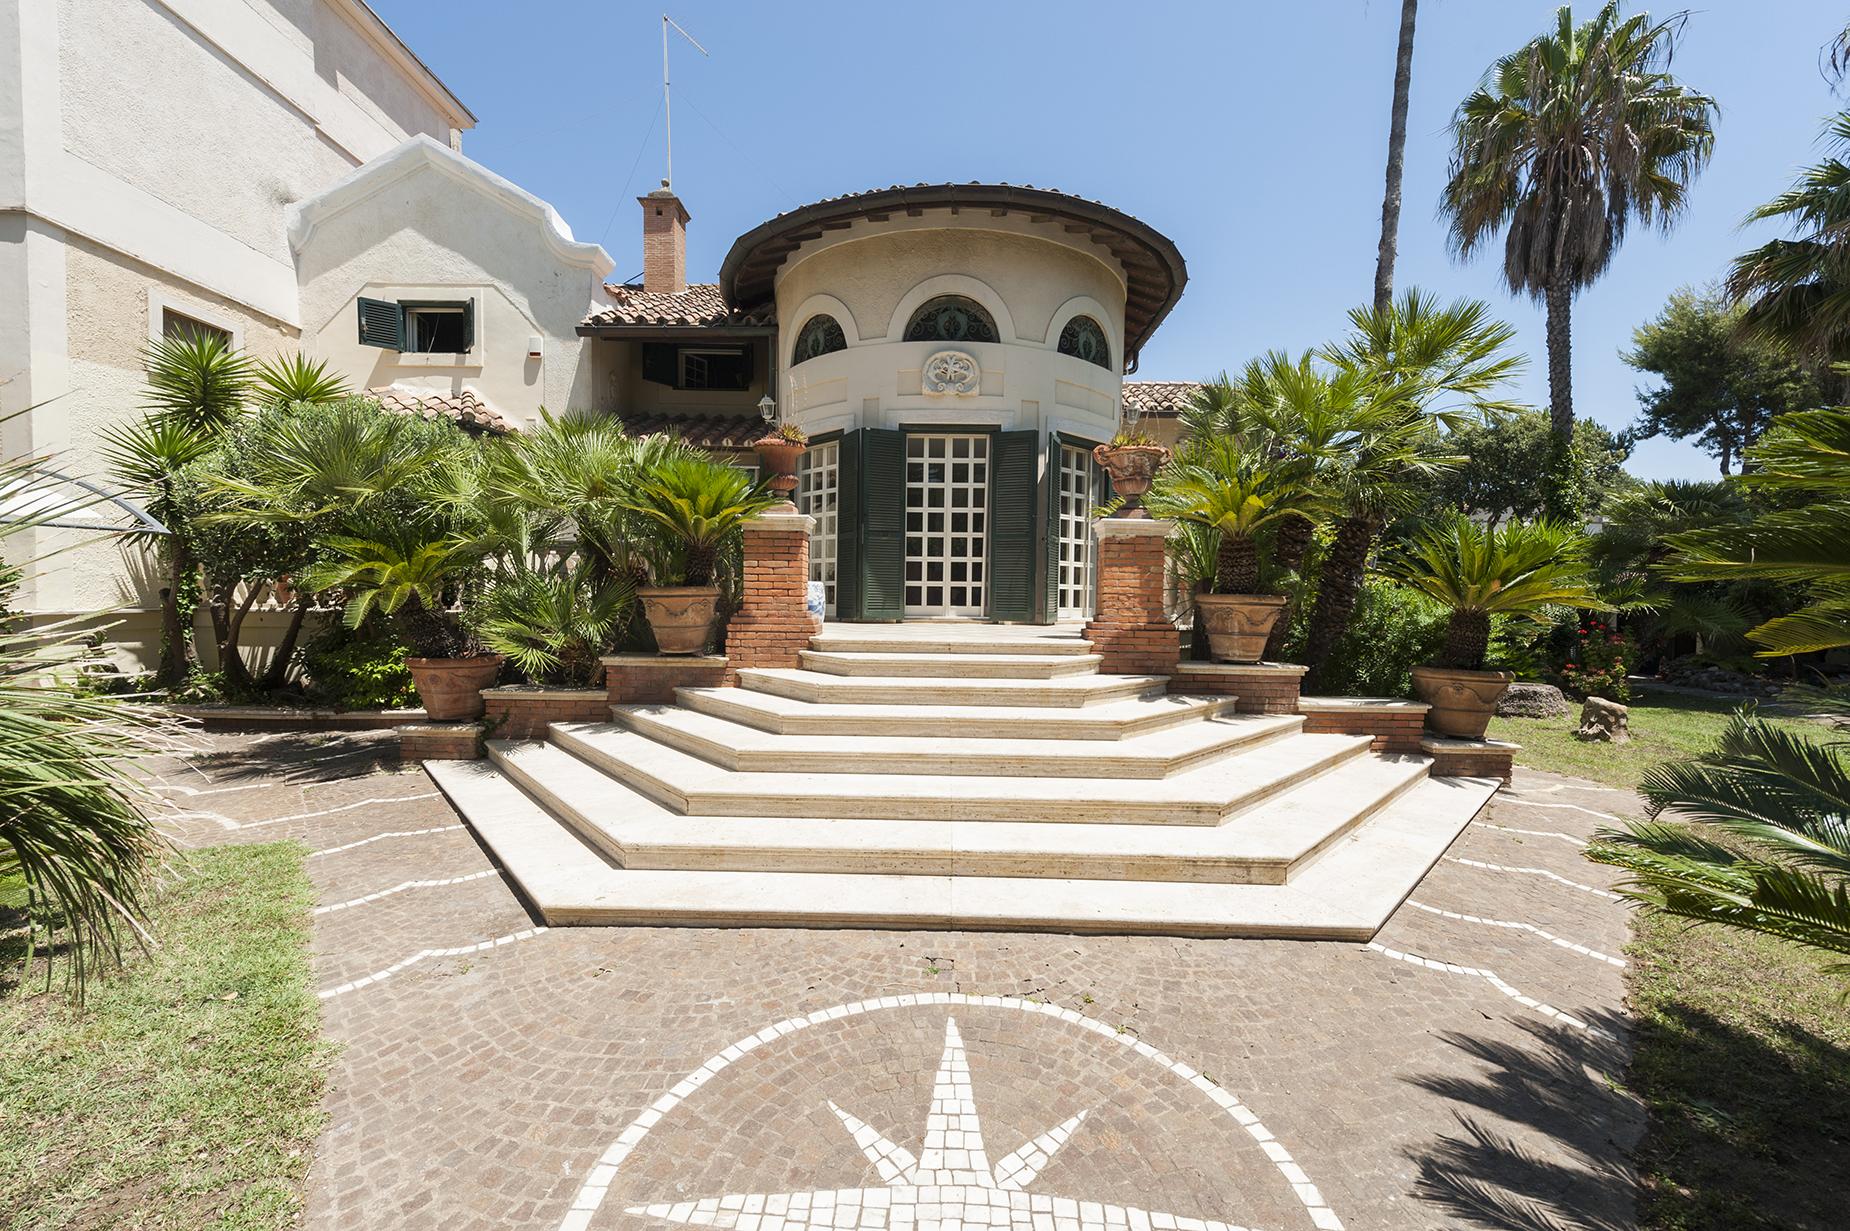 Single Family Home for Sale at Art nouveau villa in Fregene Fregene, Rome Italy